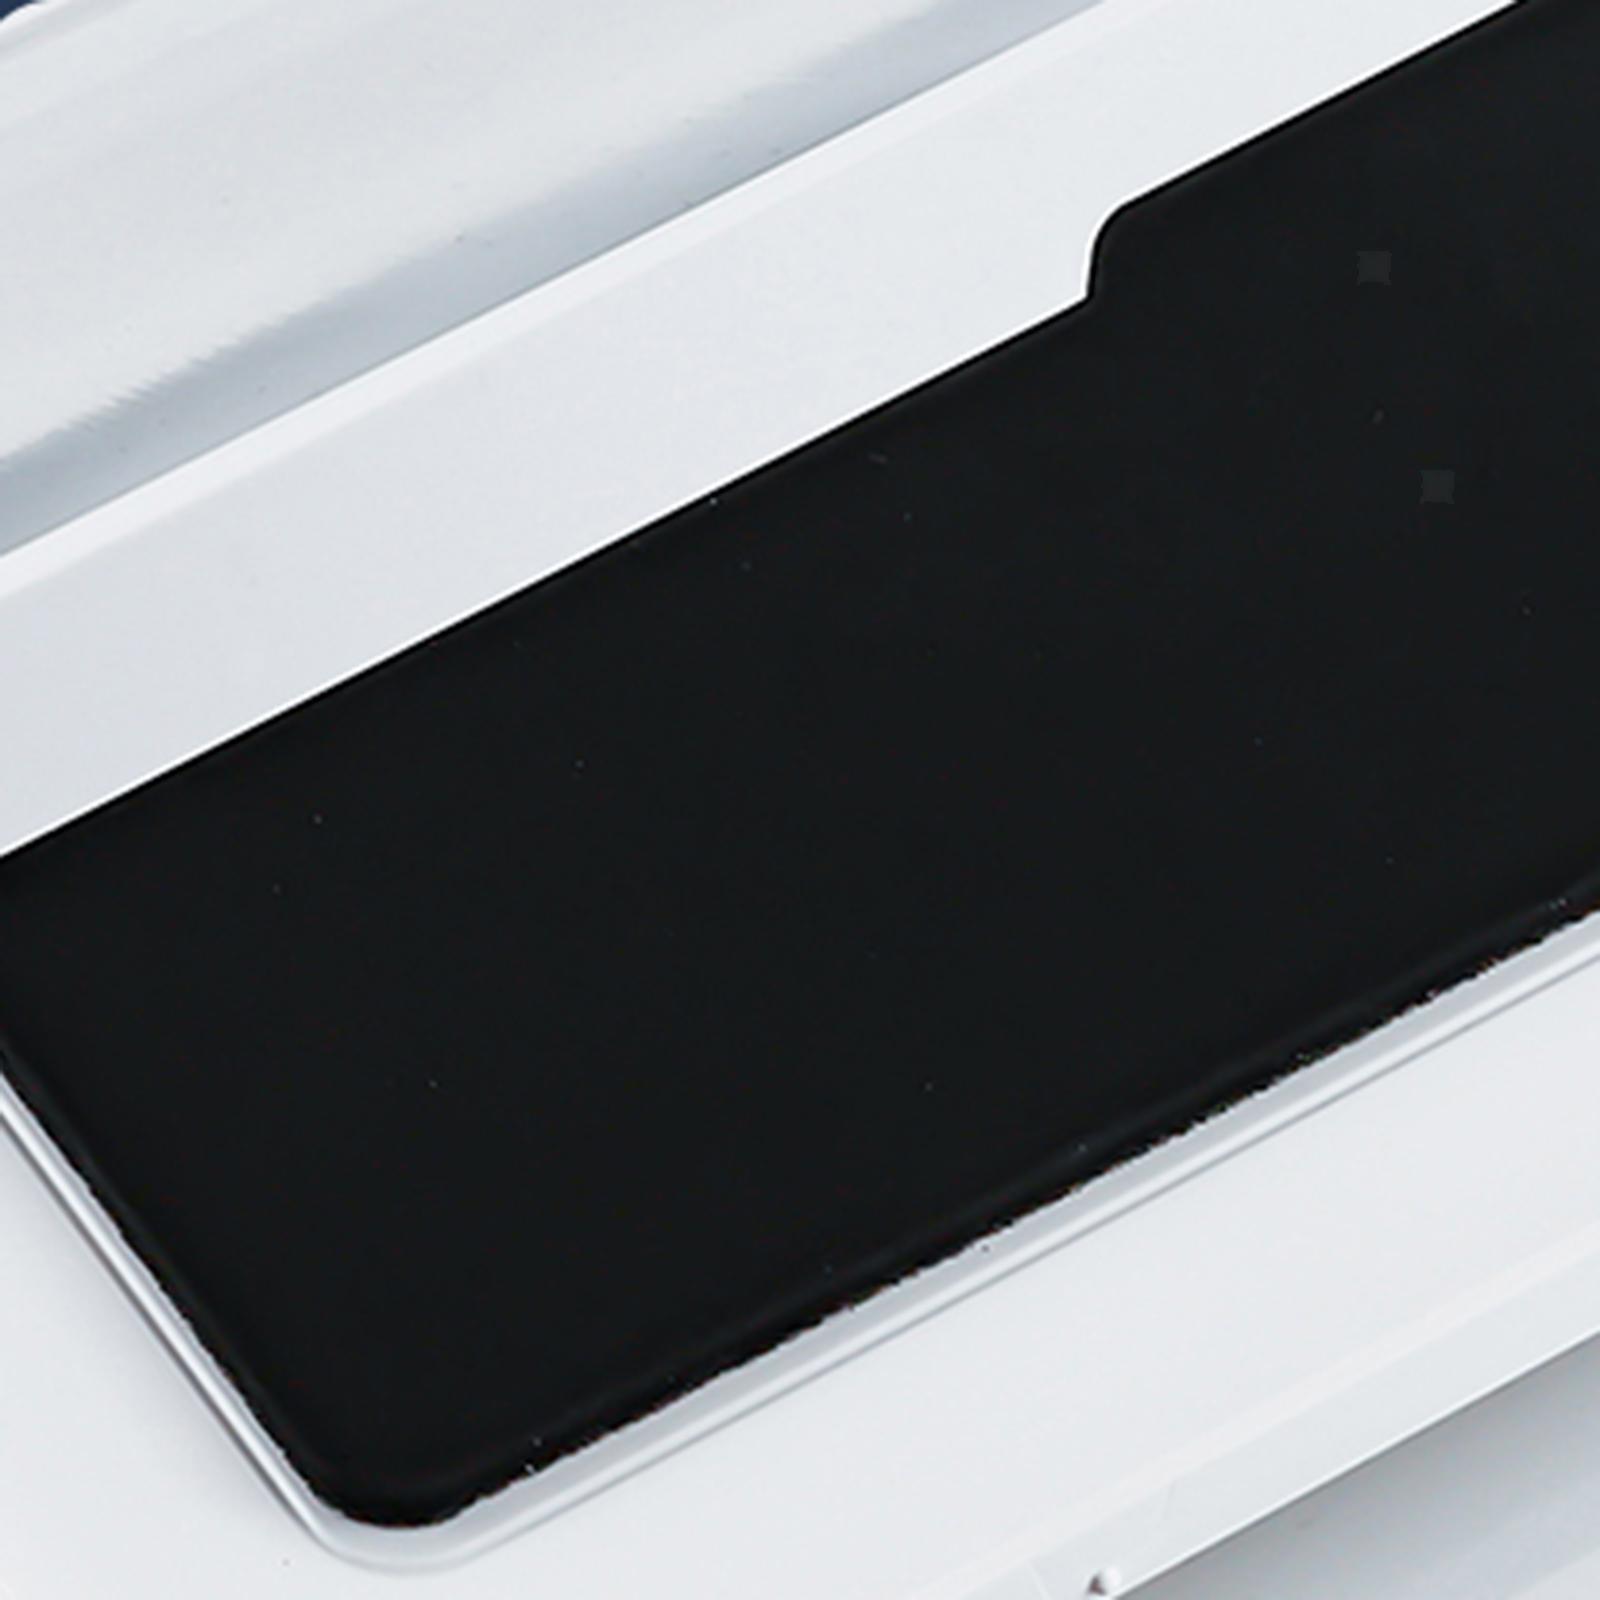 Indexbild 3 - Wand halterung Dusche Tablet Halter Badezimmer gehäuse Halterung Regal, Tablet